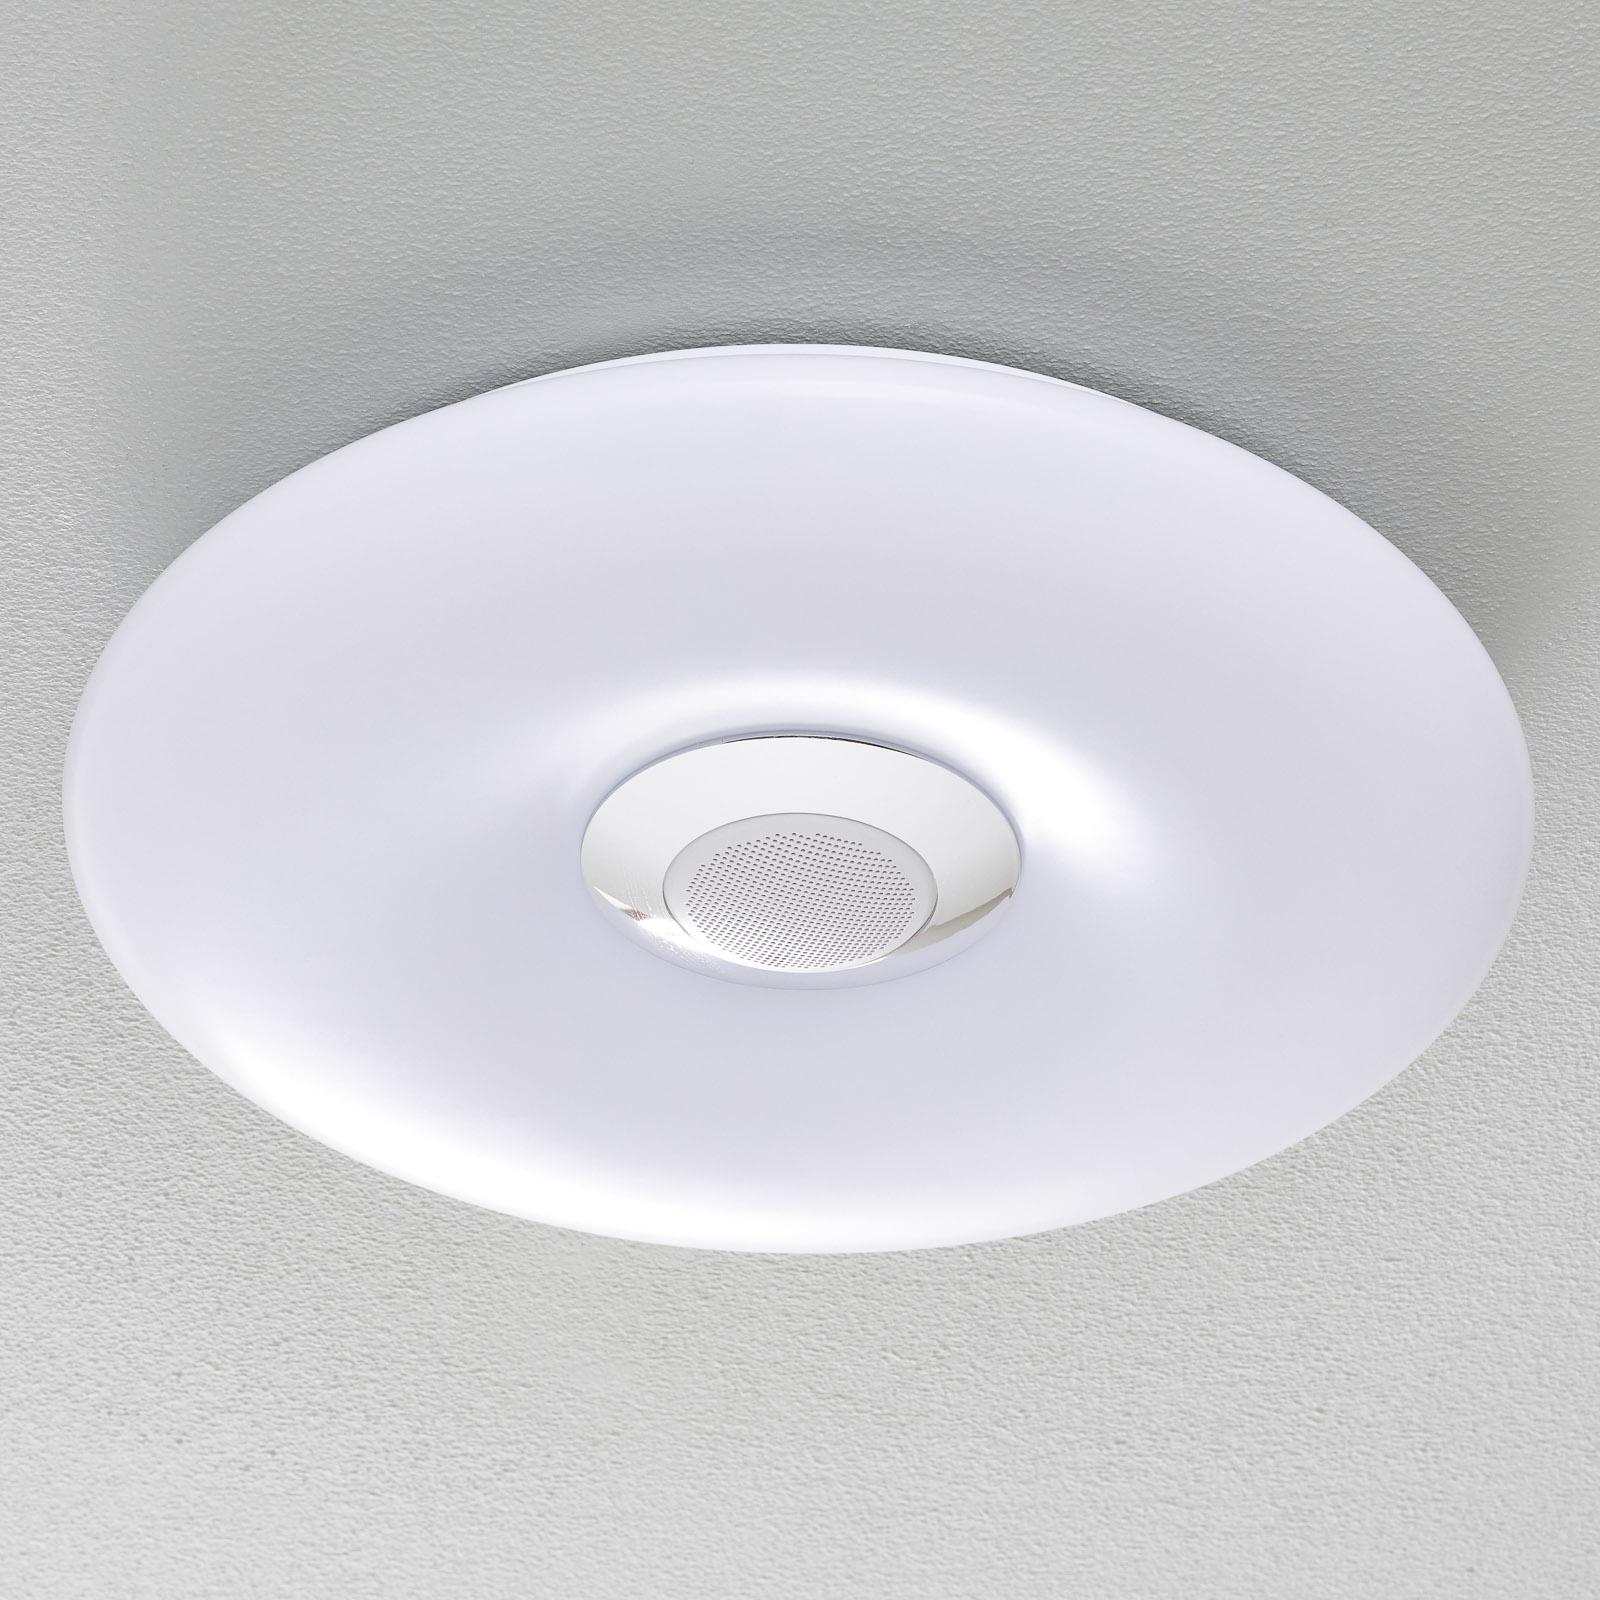 Nashville - LED-Deckenlampe mit Lautsprecher